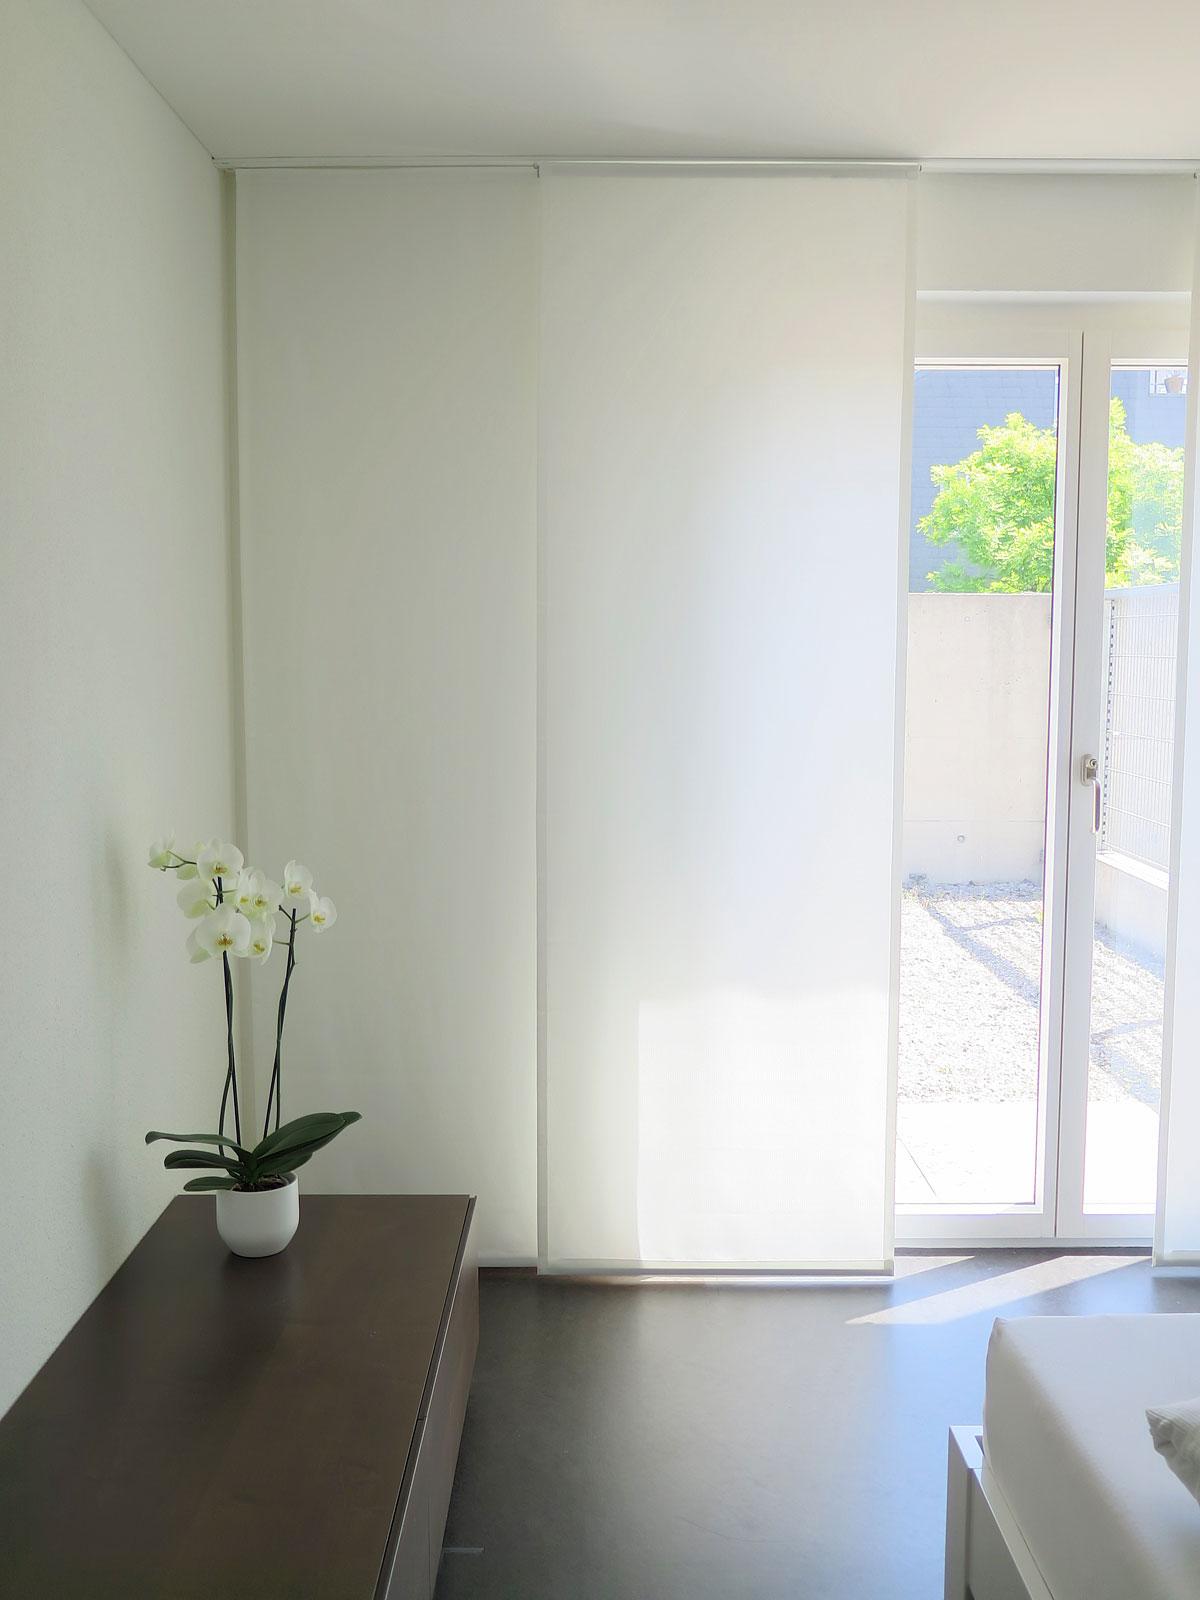 Flächenvorhang Sinus Blickdicht Lichtdurchlässig Wellengitter Weiss